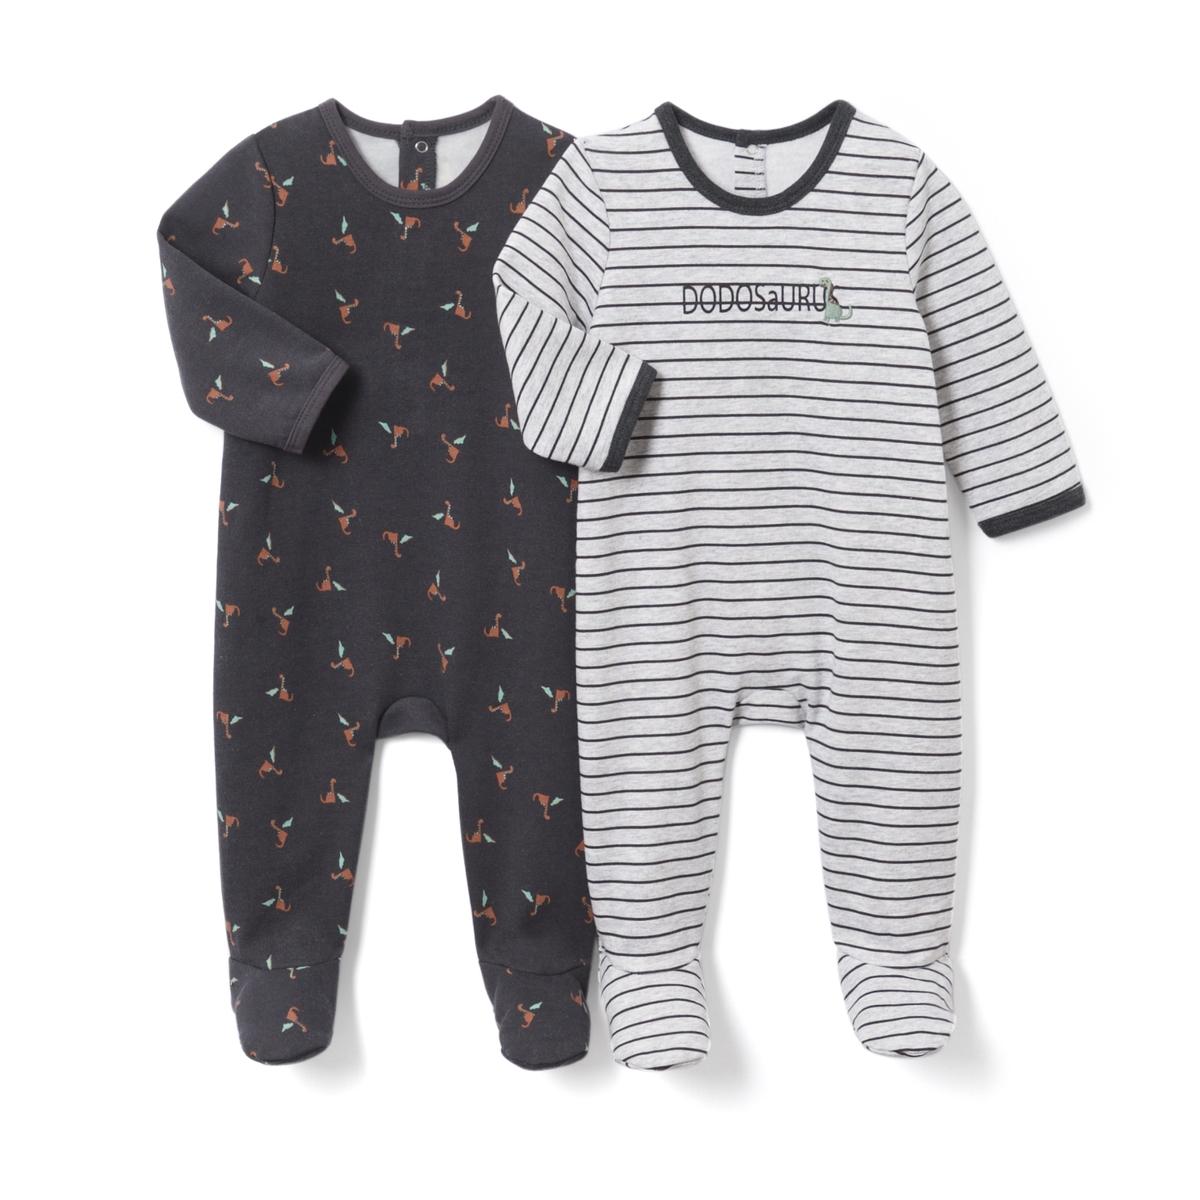 2 пижамы из мольтона с рисунком, 0 мес. - 3 лет